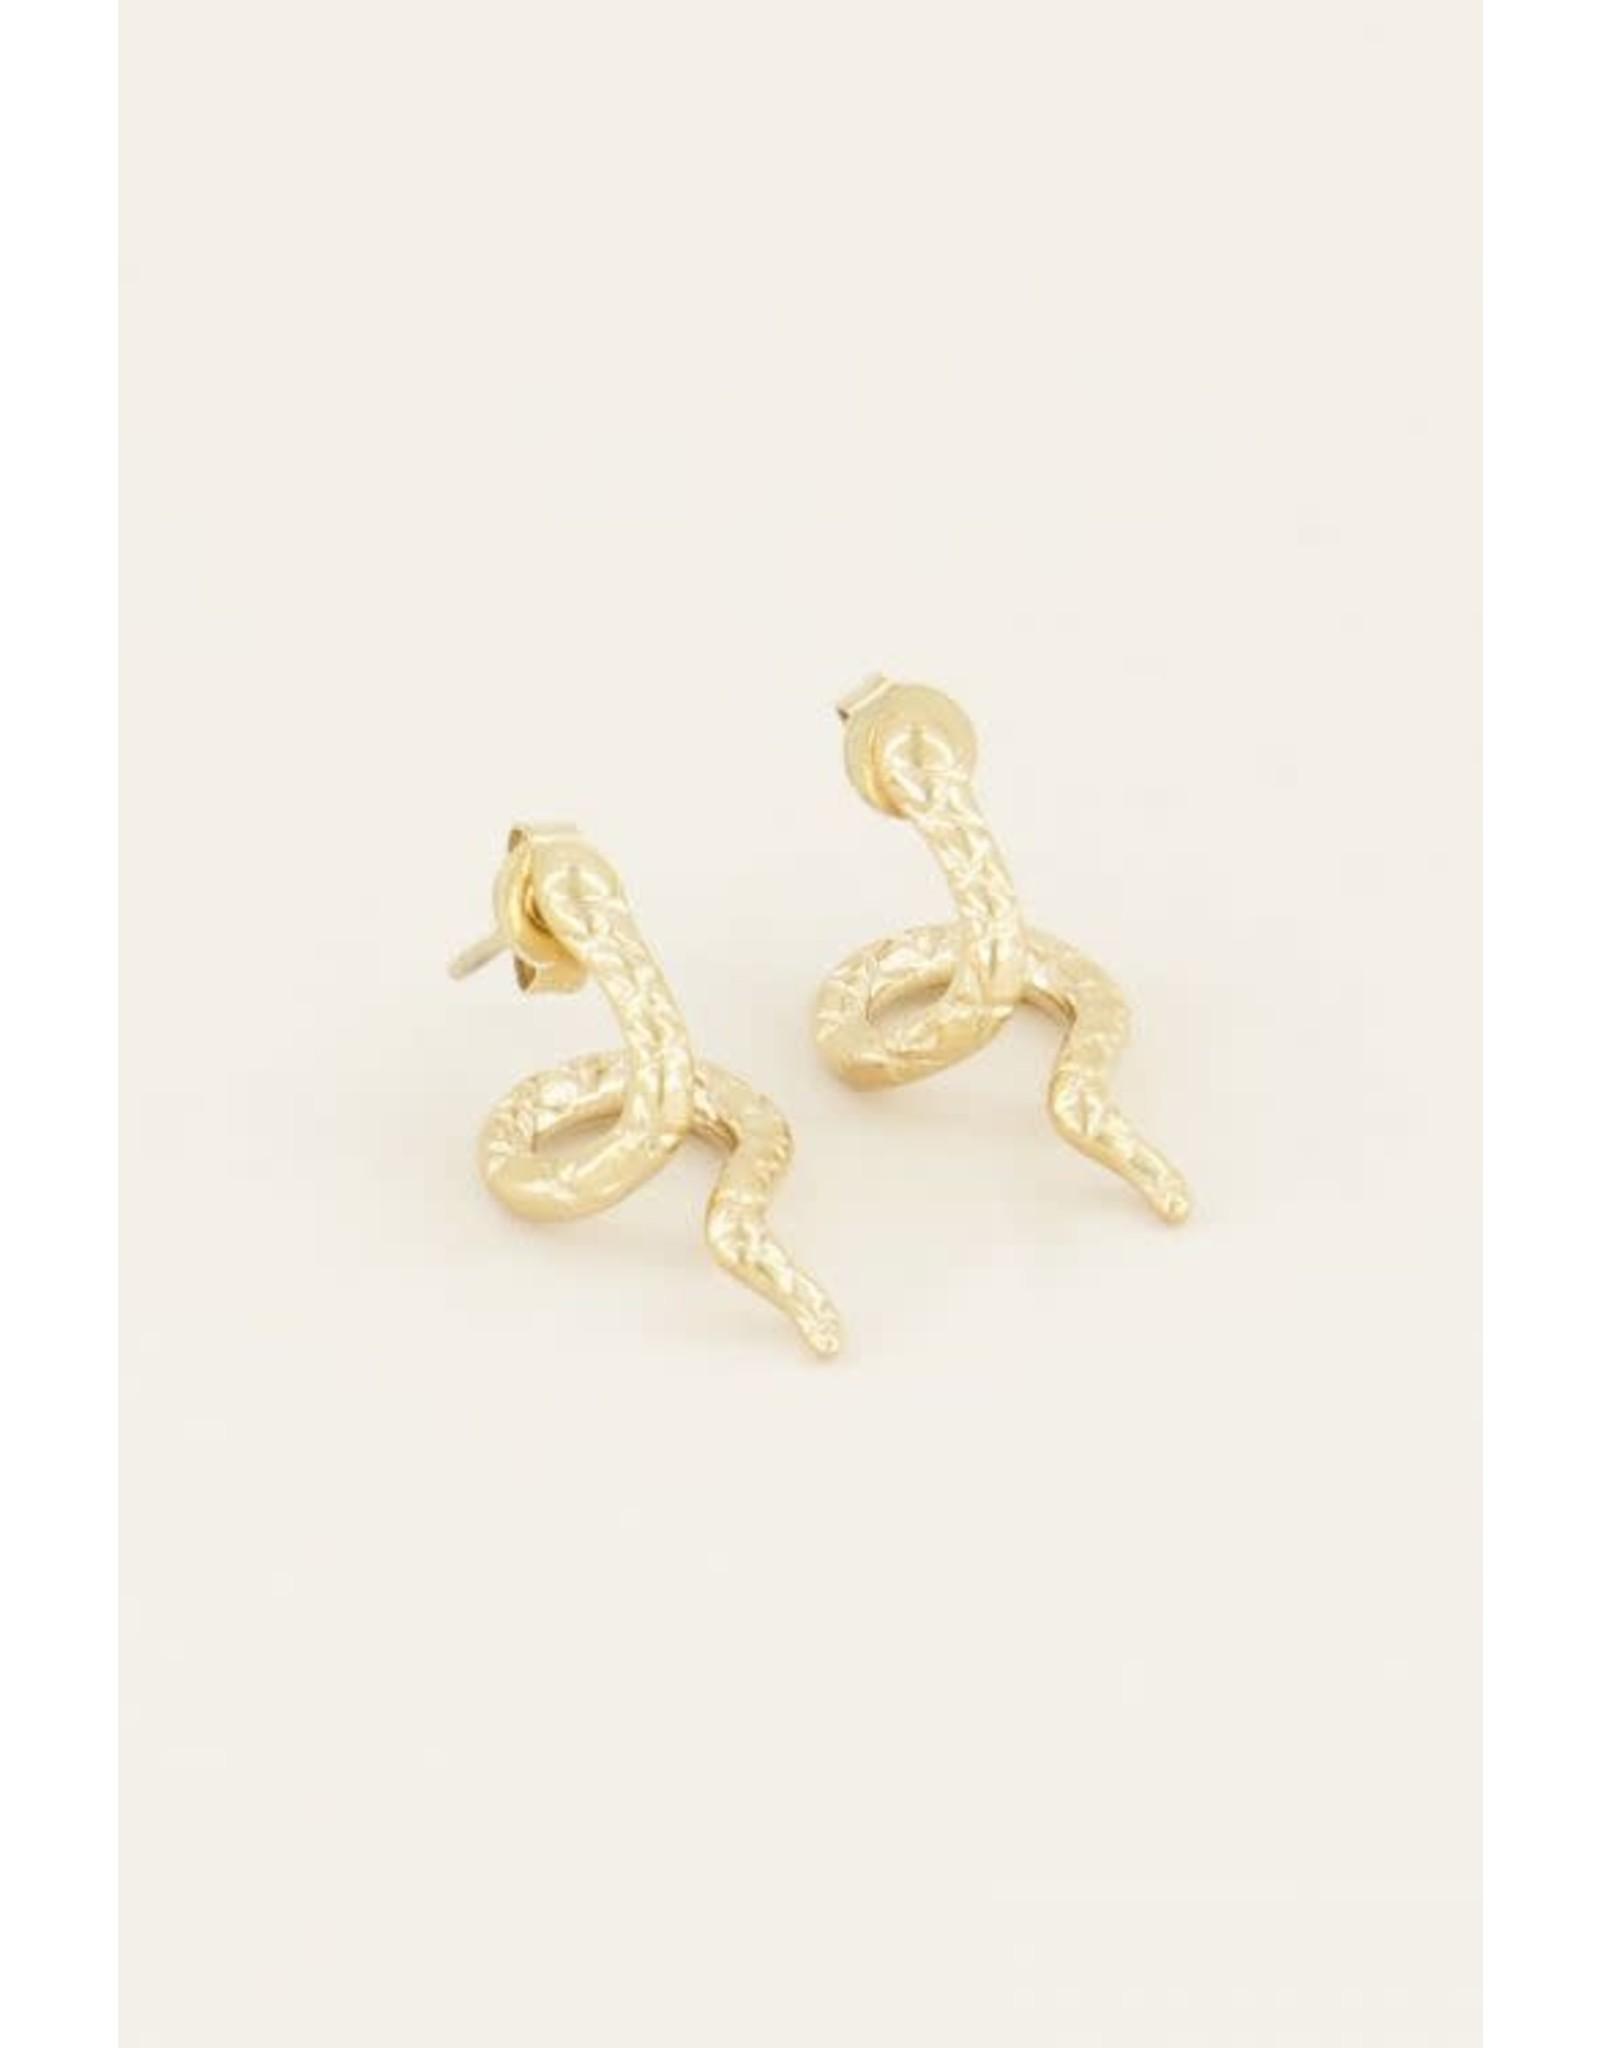 My Jewellery My Jewellery oorbellen slang